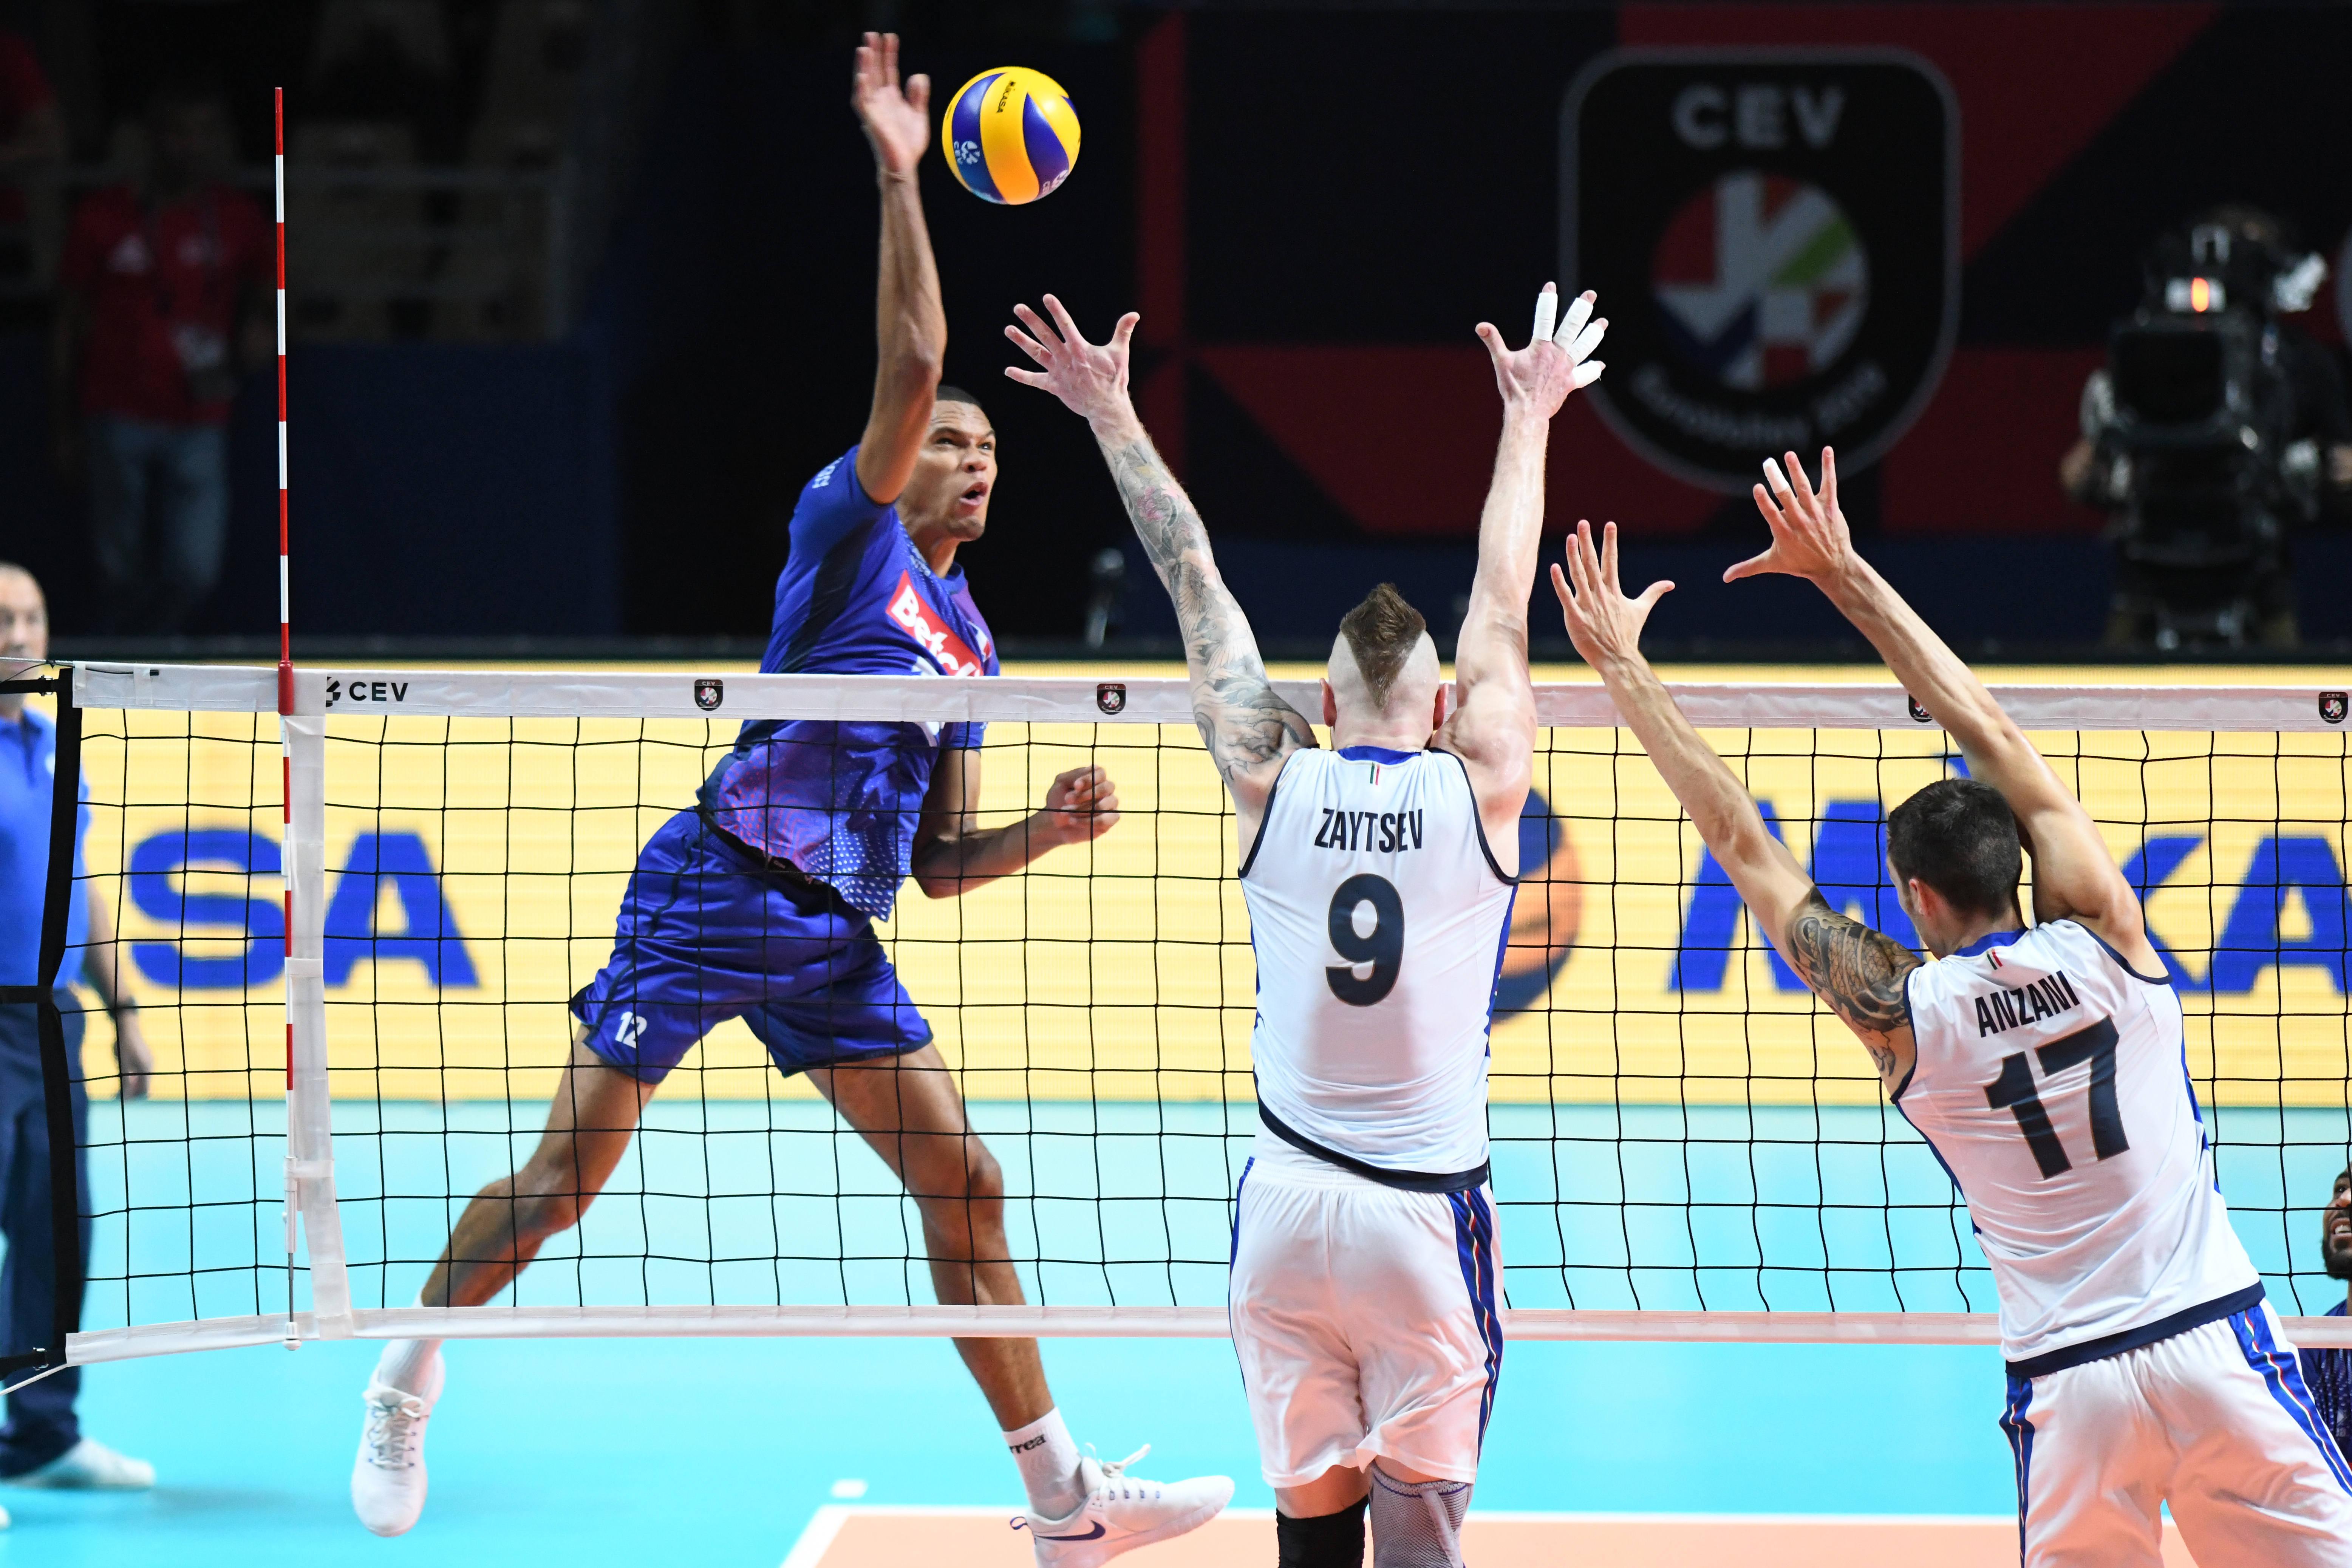 Volley - Equipe de France - Euro de volley : après l'Italie, les Bleus veulent renverser la Serbie